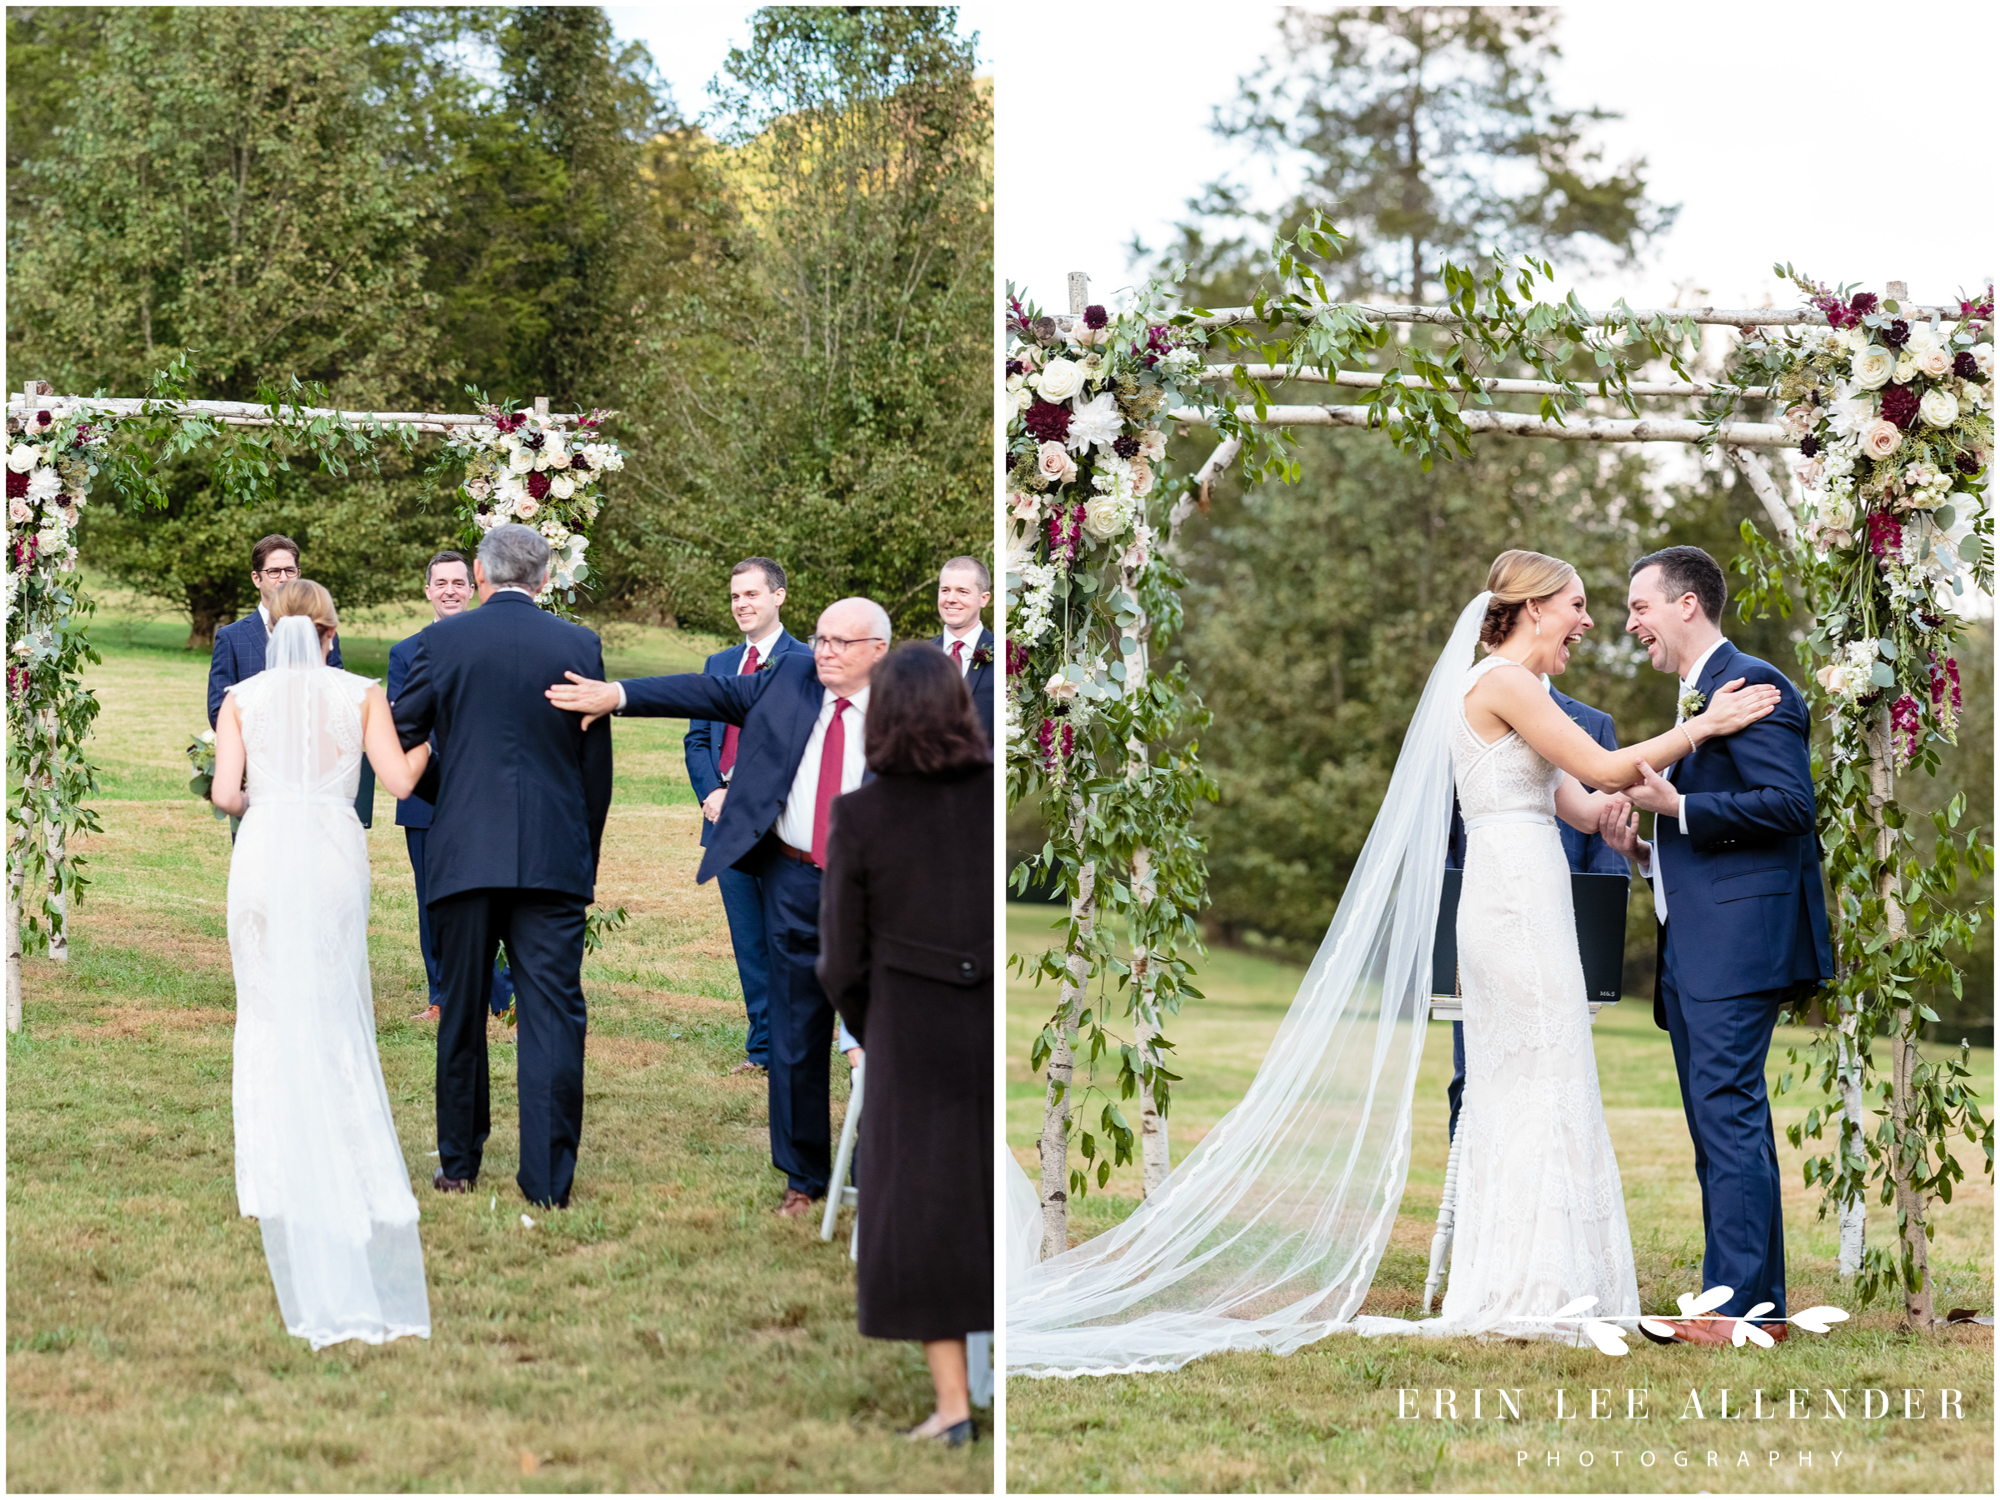 bride-groom-excited